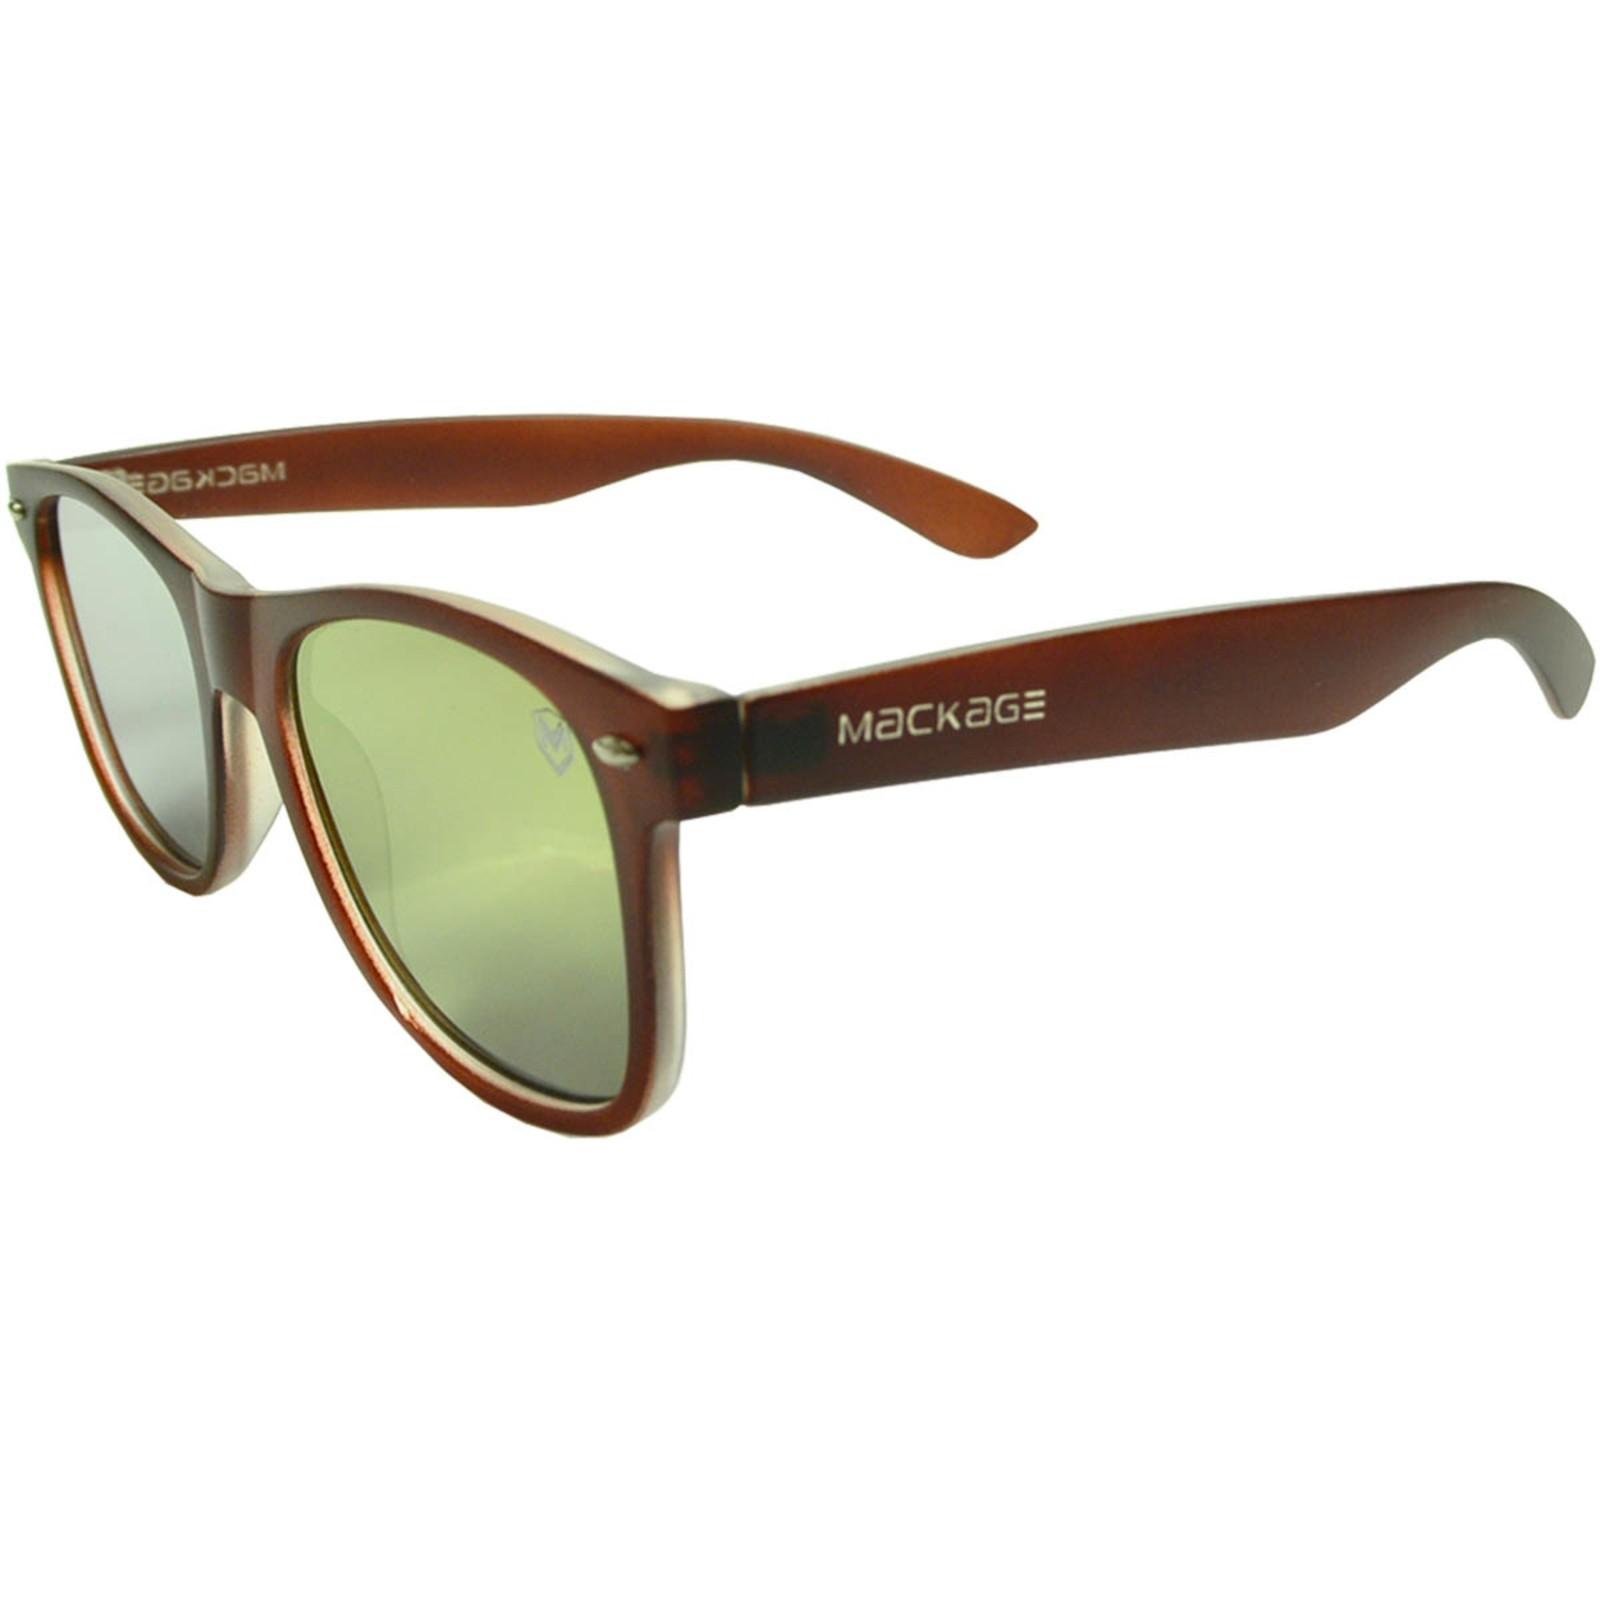 Óculos de Sol Mackage Unissex Acetato Wayfarer - Marrom